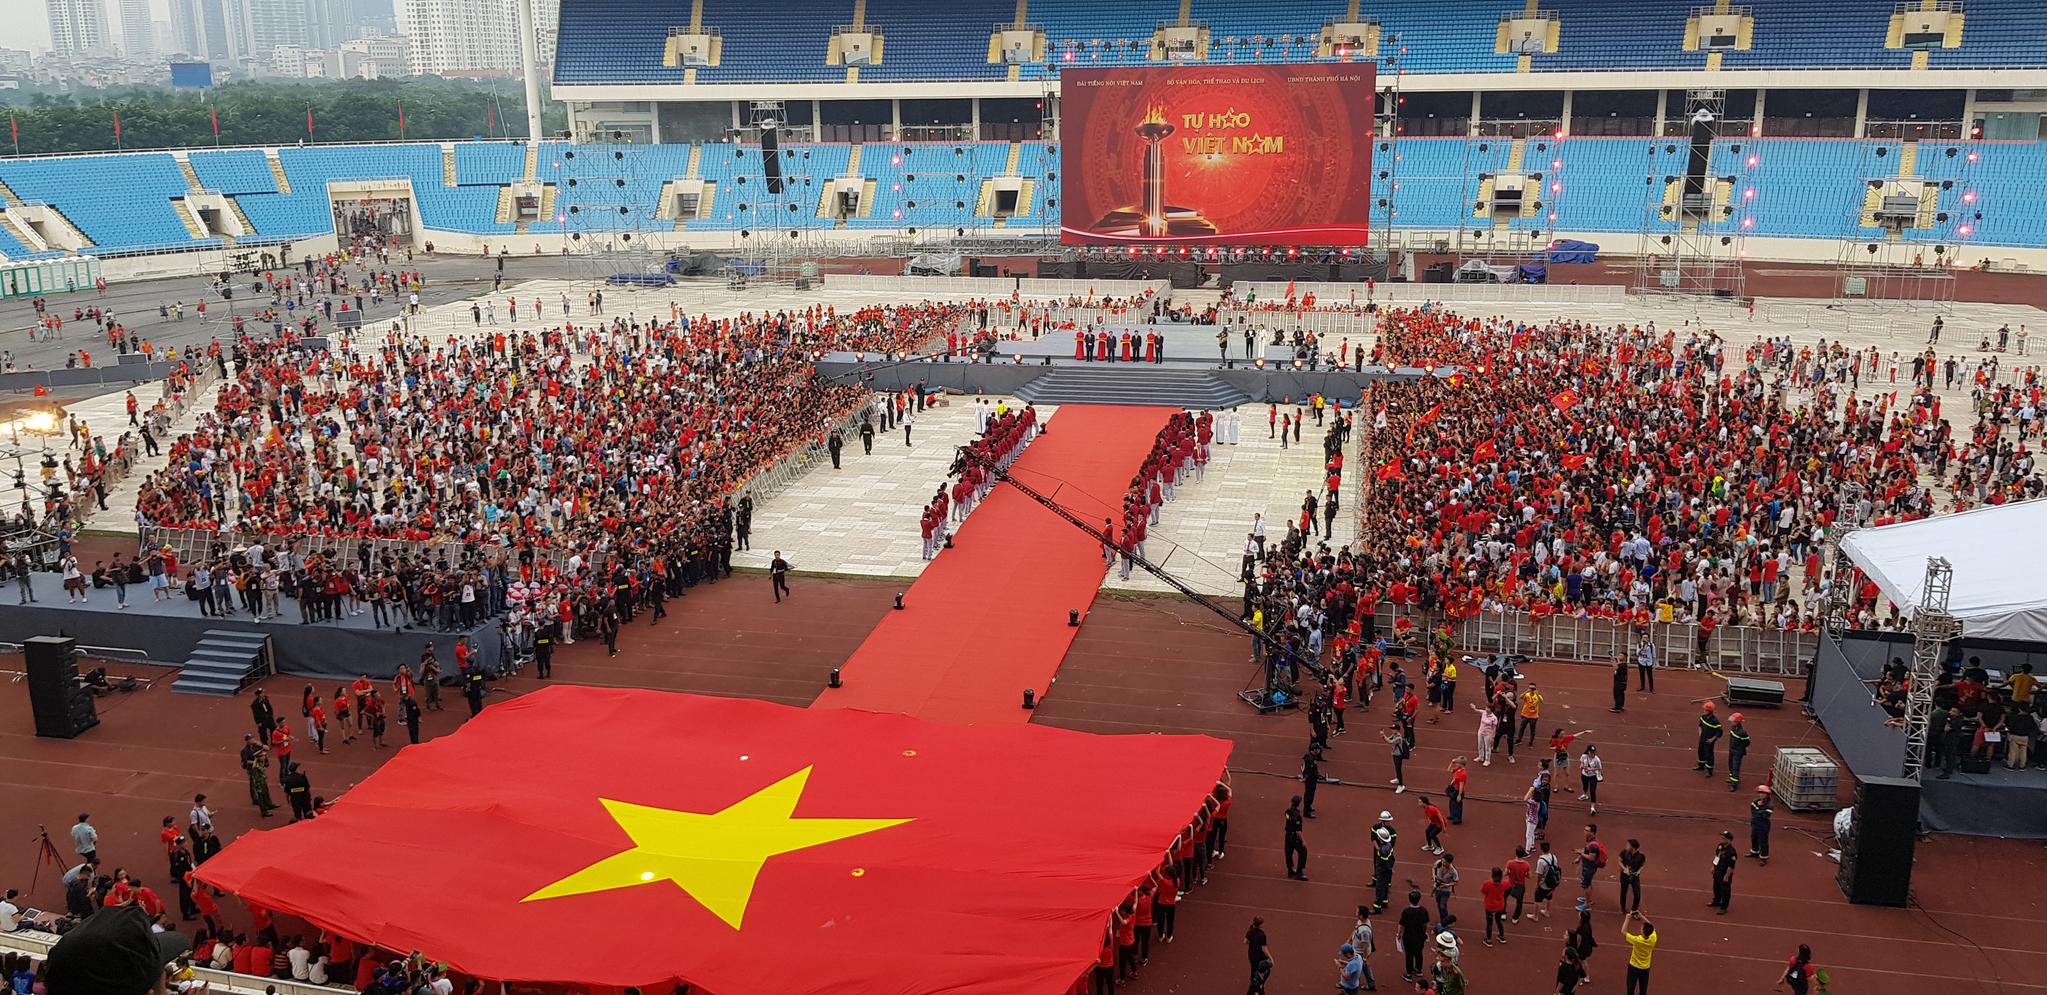 2일 박항서 감독이 이끄는 베트남 축구대표팀과 아시안게임 메달리스트를 환영하는 행사가 열린 베트남 수도 하노이의 미딘 국립경기장이 팬들로 가득 찼다. [연합뉴스]